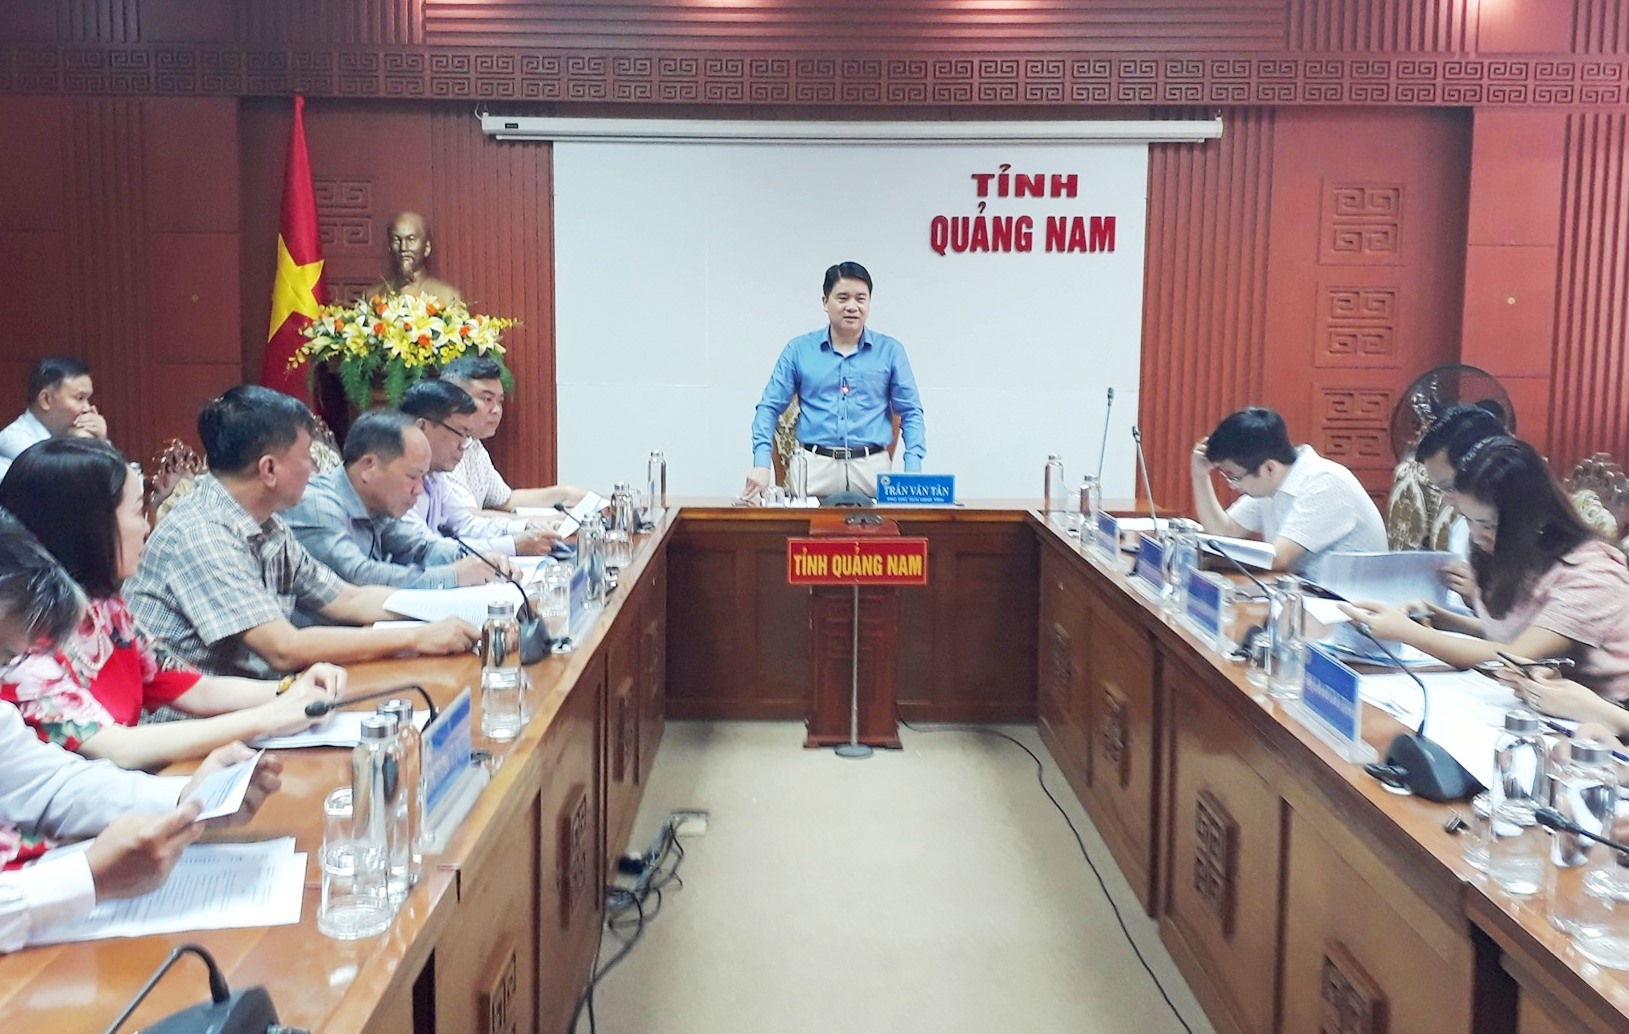 Phó Chủ tịch UBND tỉnh Trần Văn Tân thống nhất lập dự án nâng cấp sân vận động Tam Kỳ. Ảnh: T.V